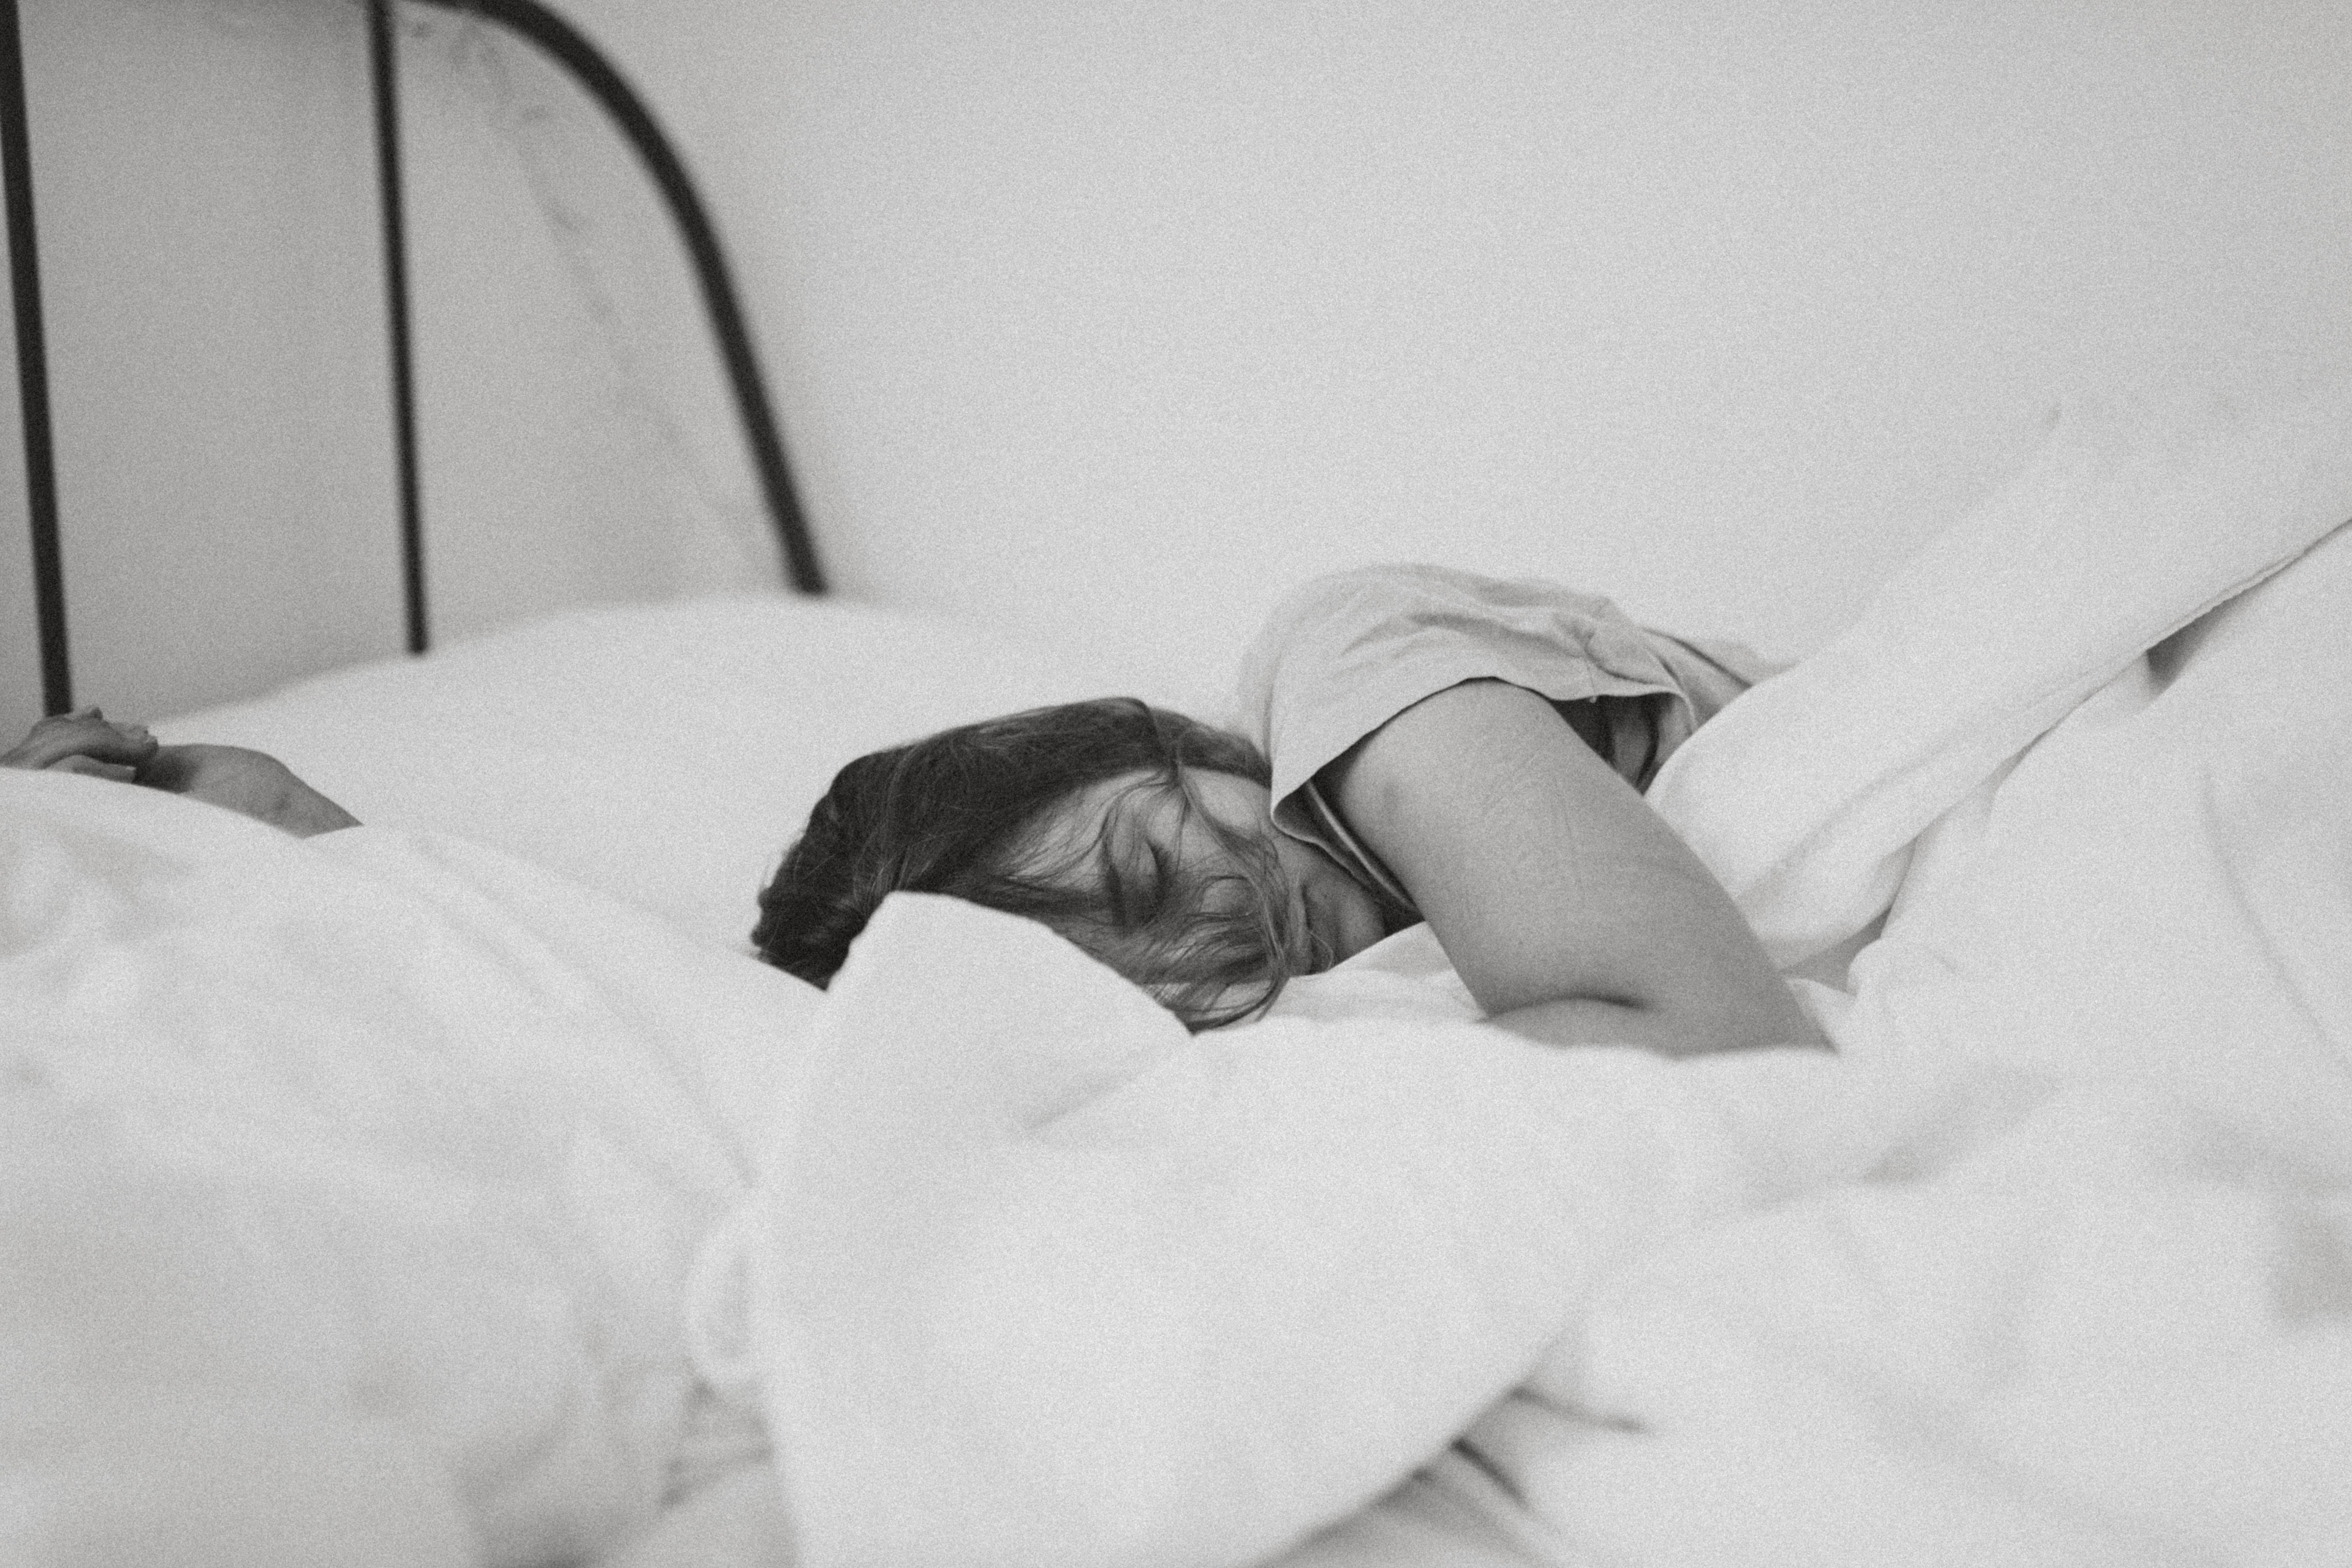 quedarse dormido rápidamente